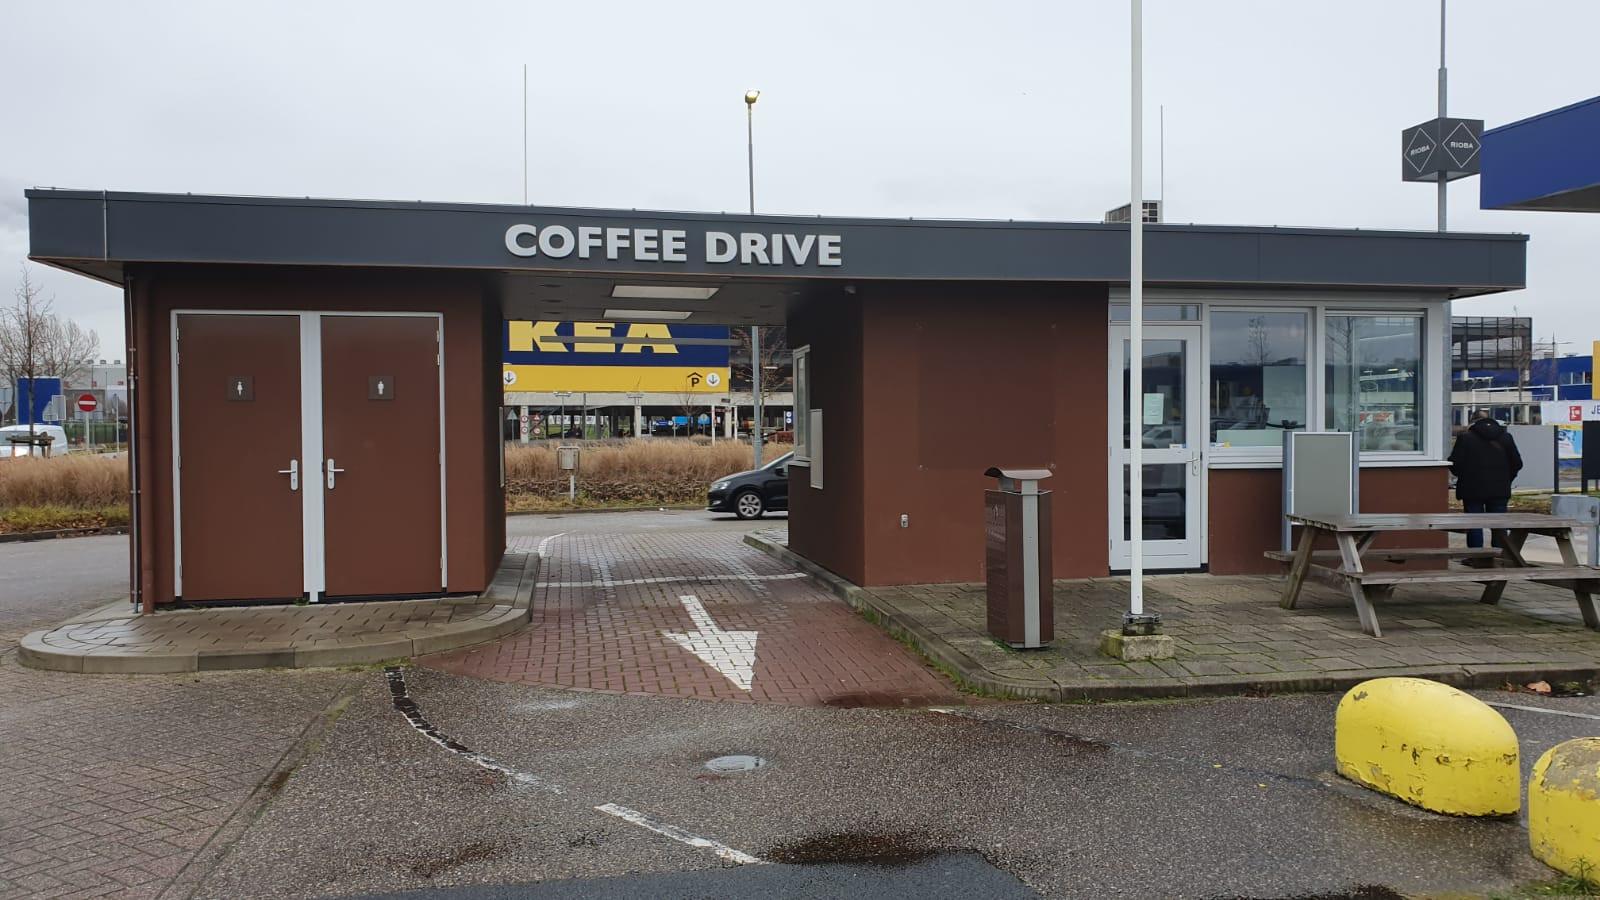 Op het pand van de voormalige coffee drive in Duiven komt 'Chico's Drive' te staan, is het plan.